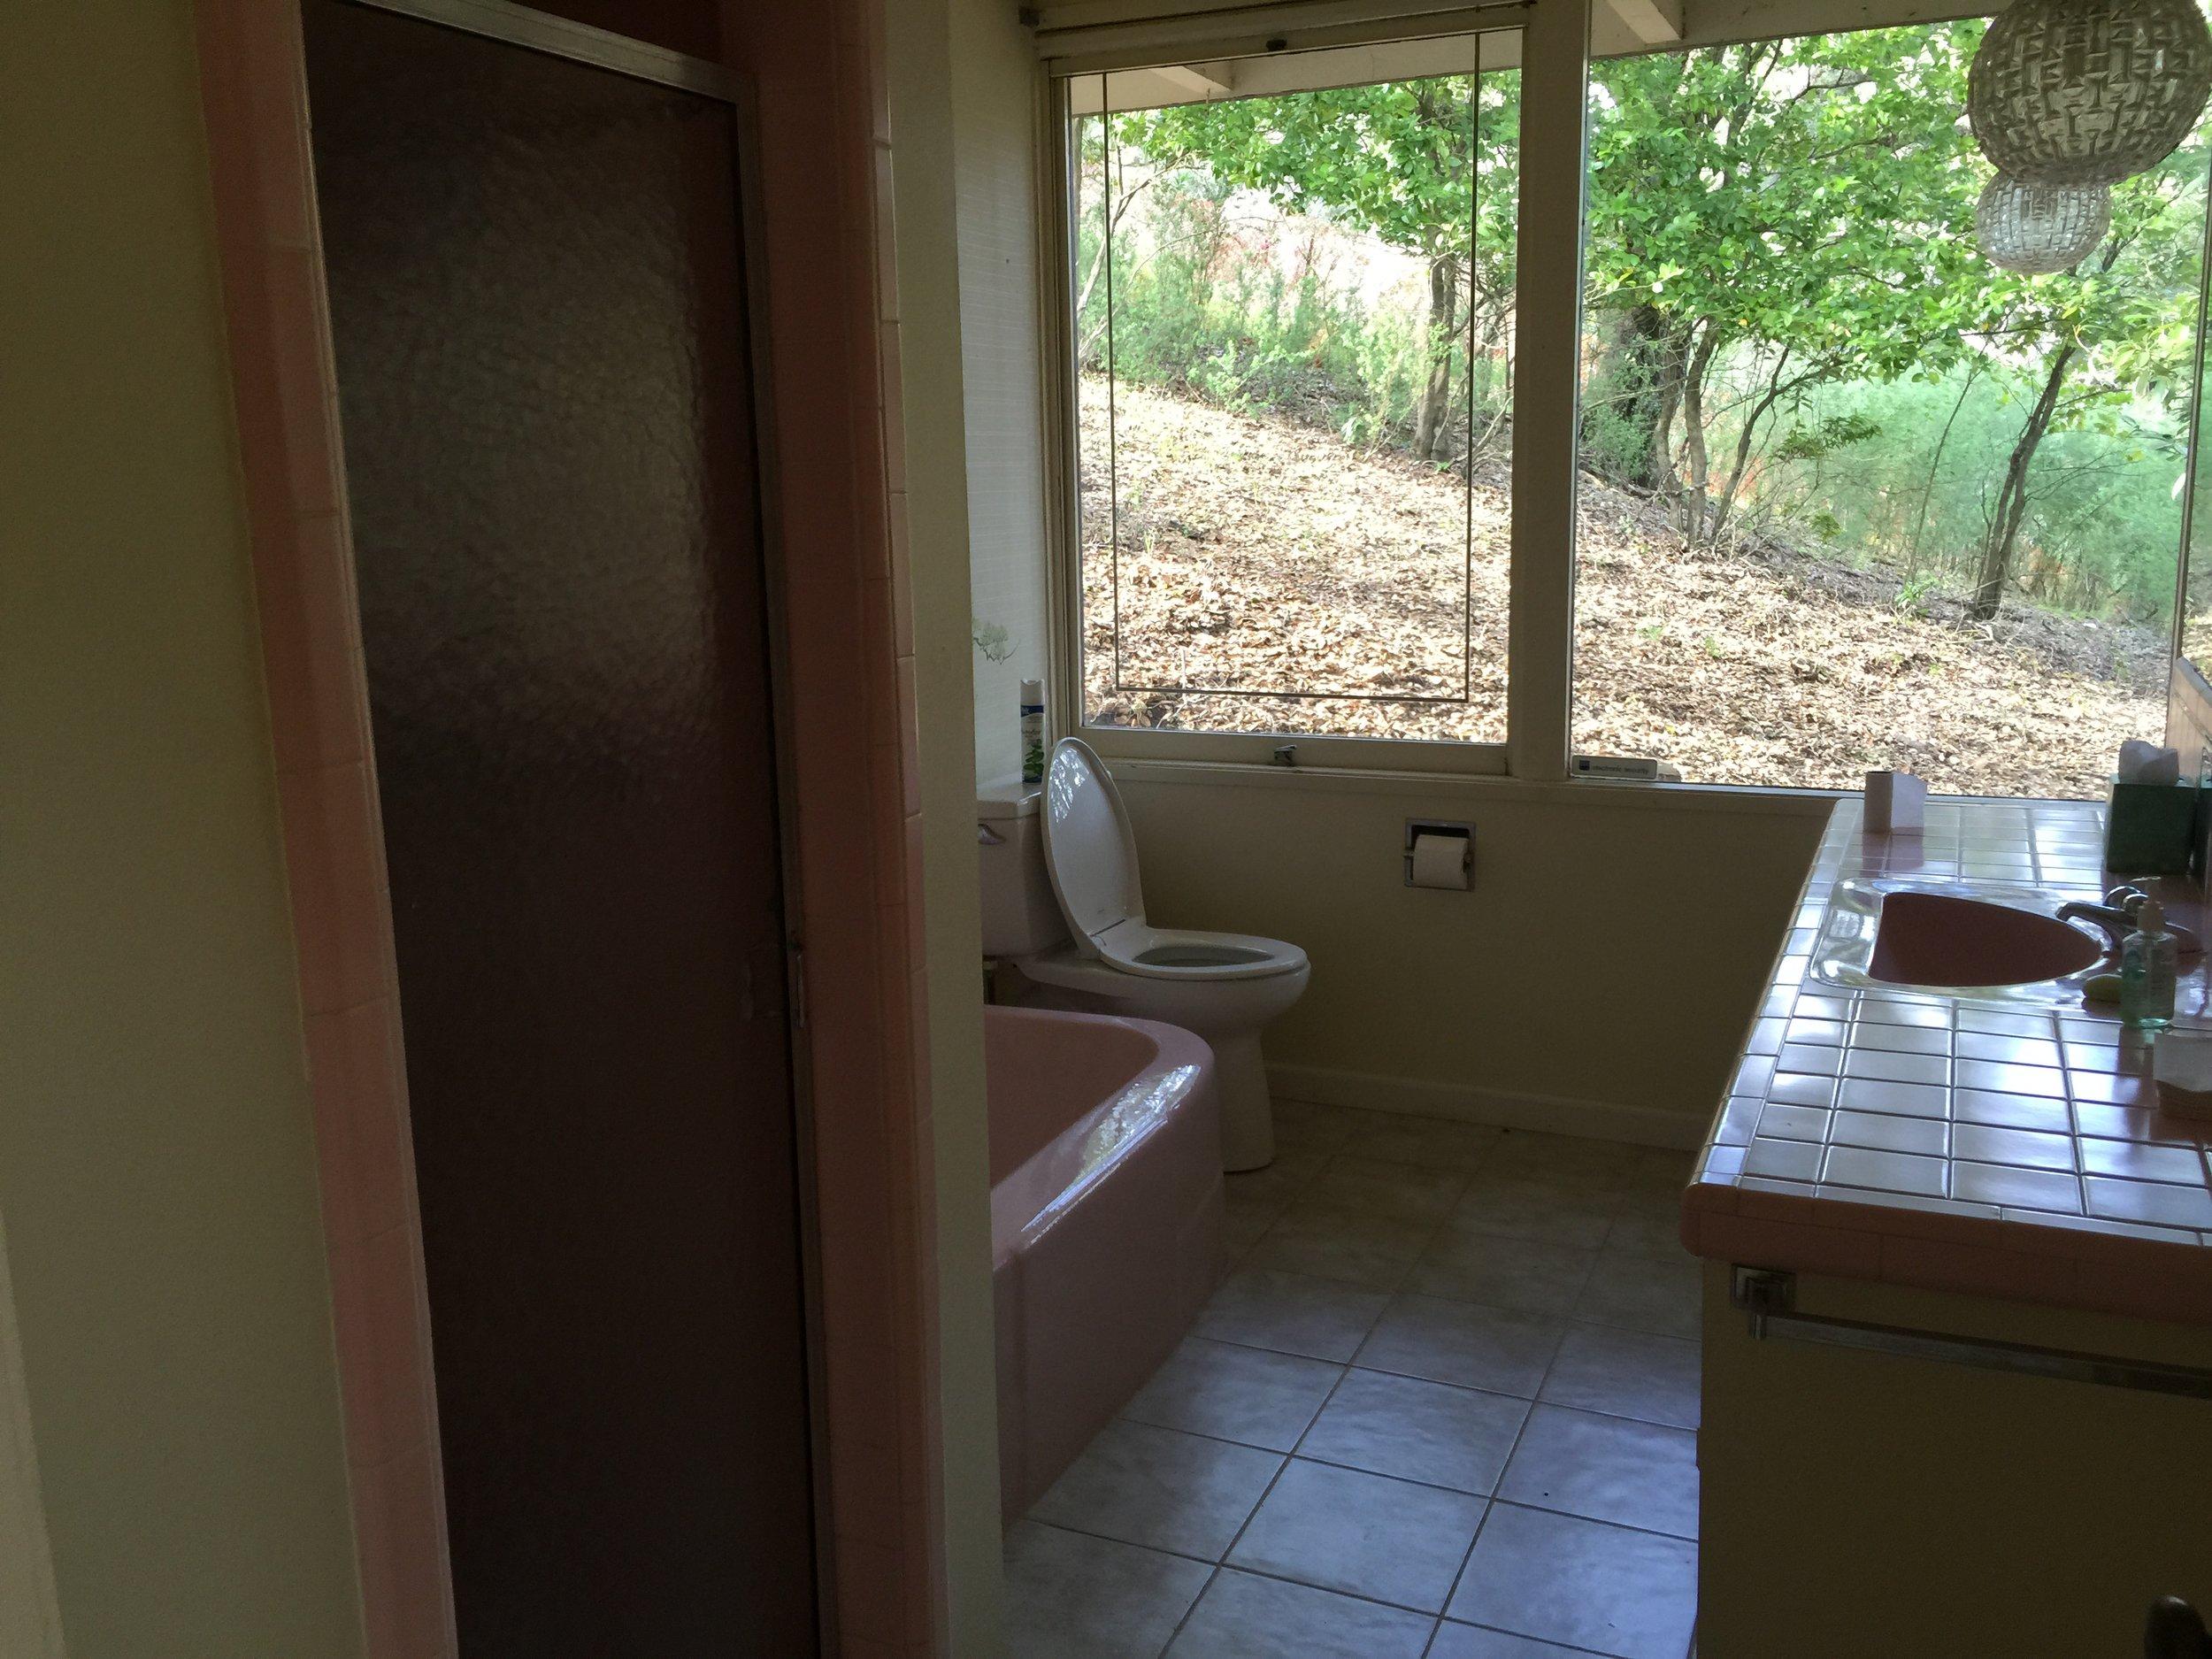 44 Tarry Lane, Orinda. Guest Bathroom: Before